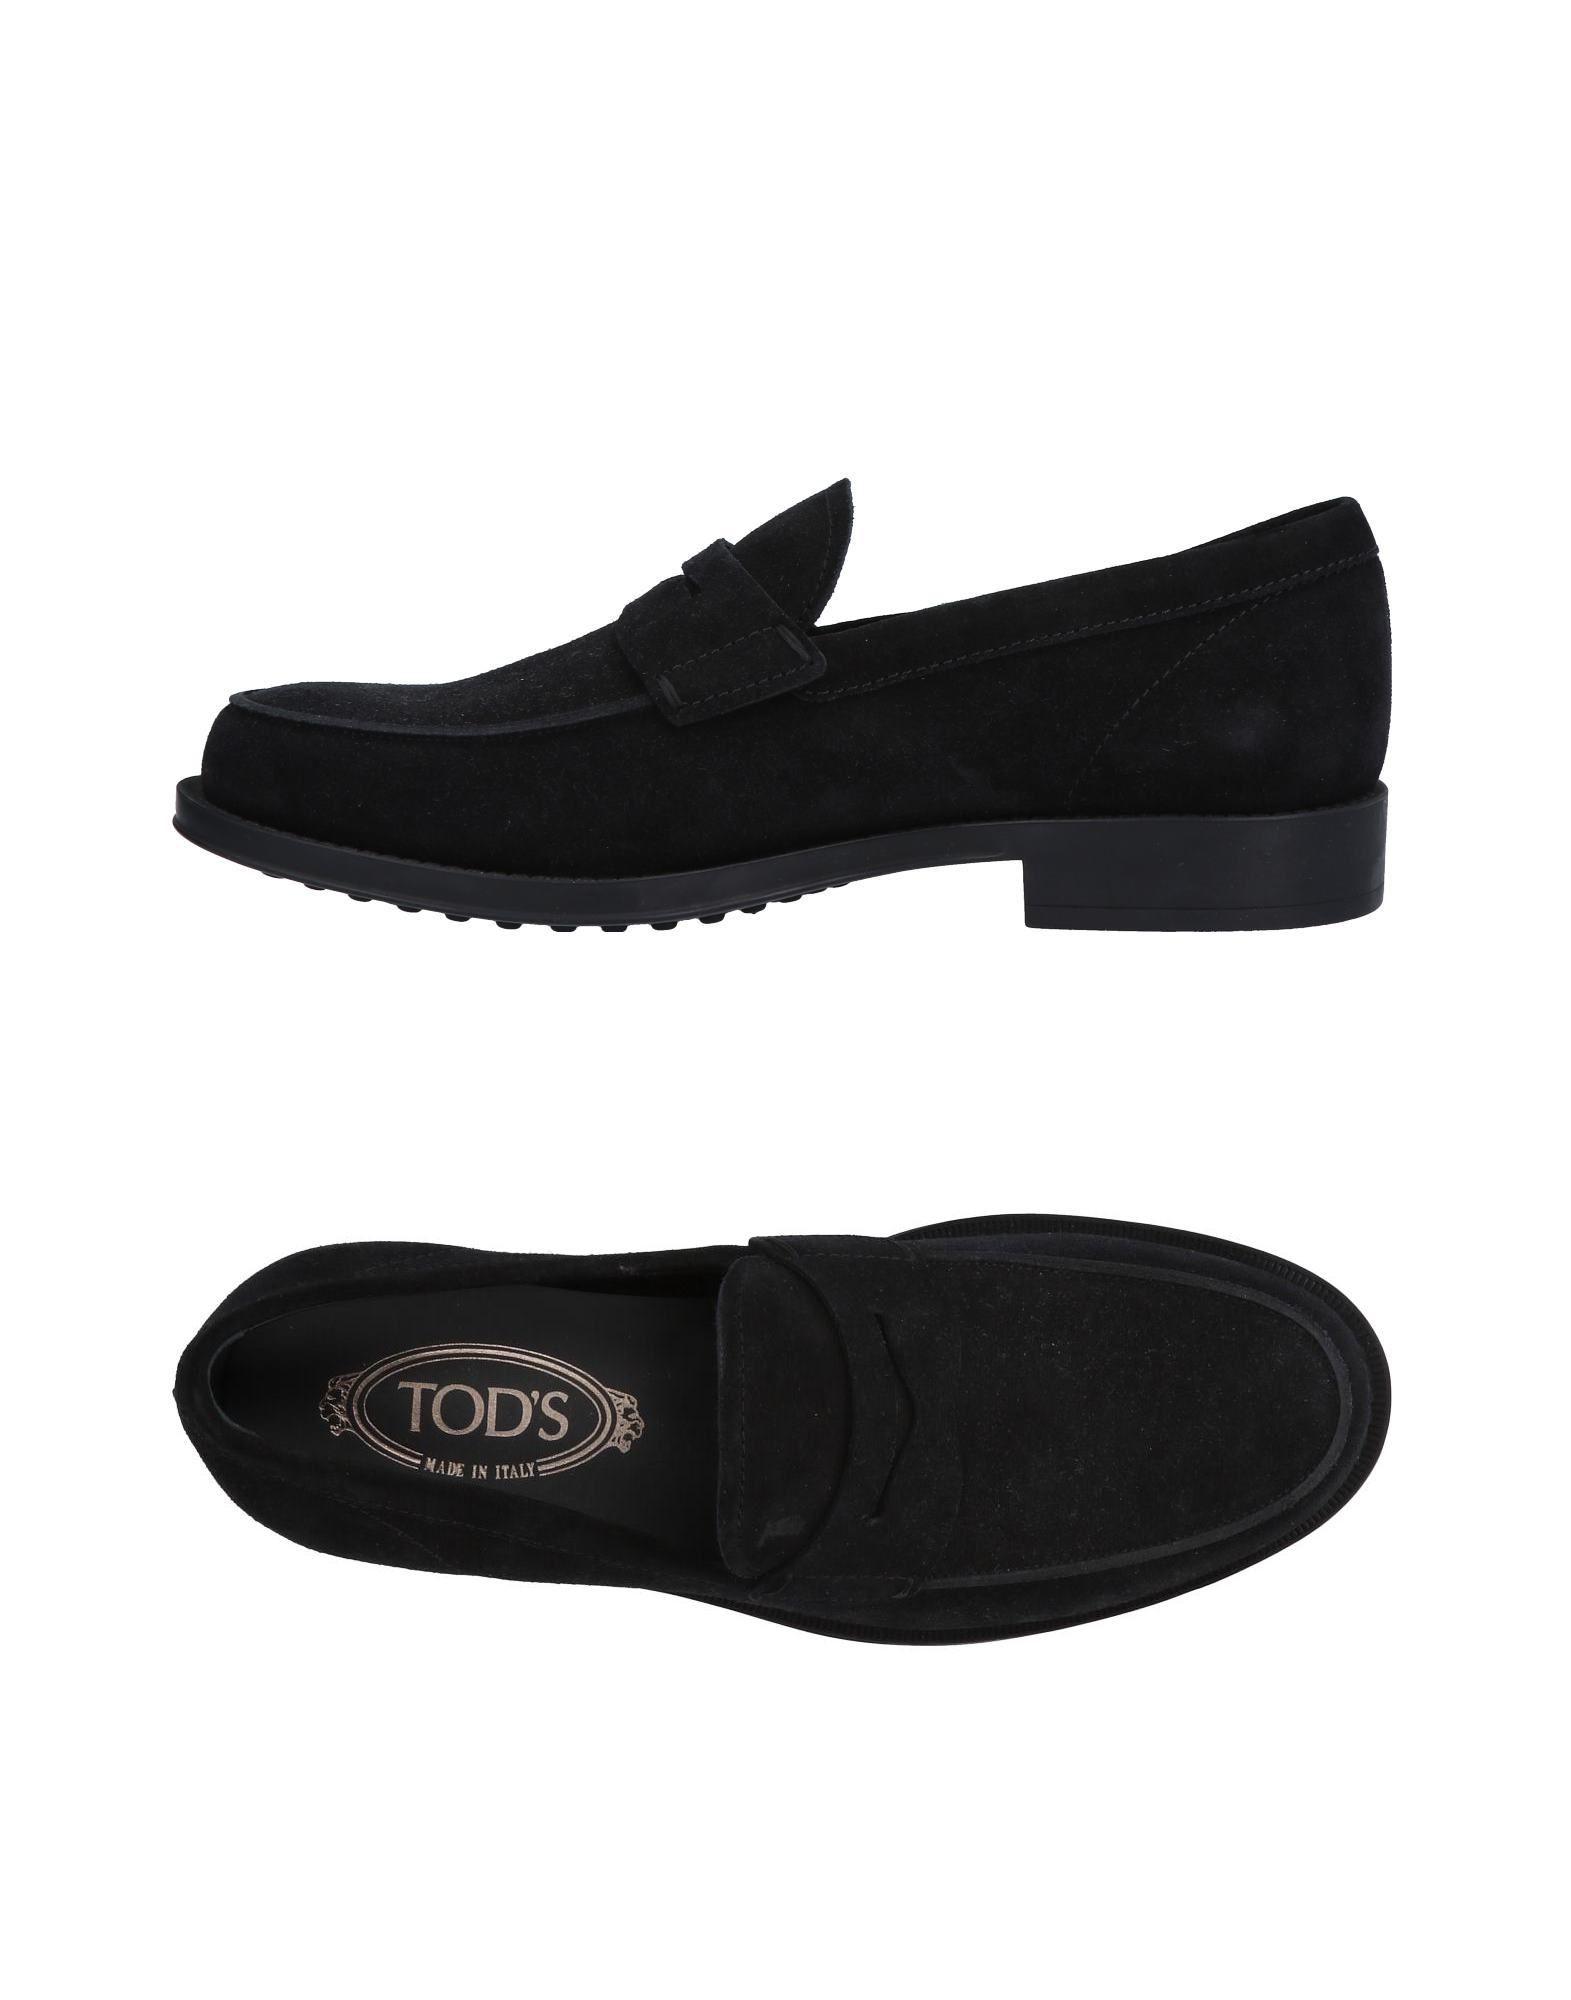 Tod's Mokassins Herren Qualität  11484960QC Gute Qualität Herren beliebte Schuhe c1f144